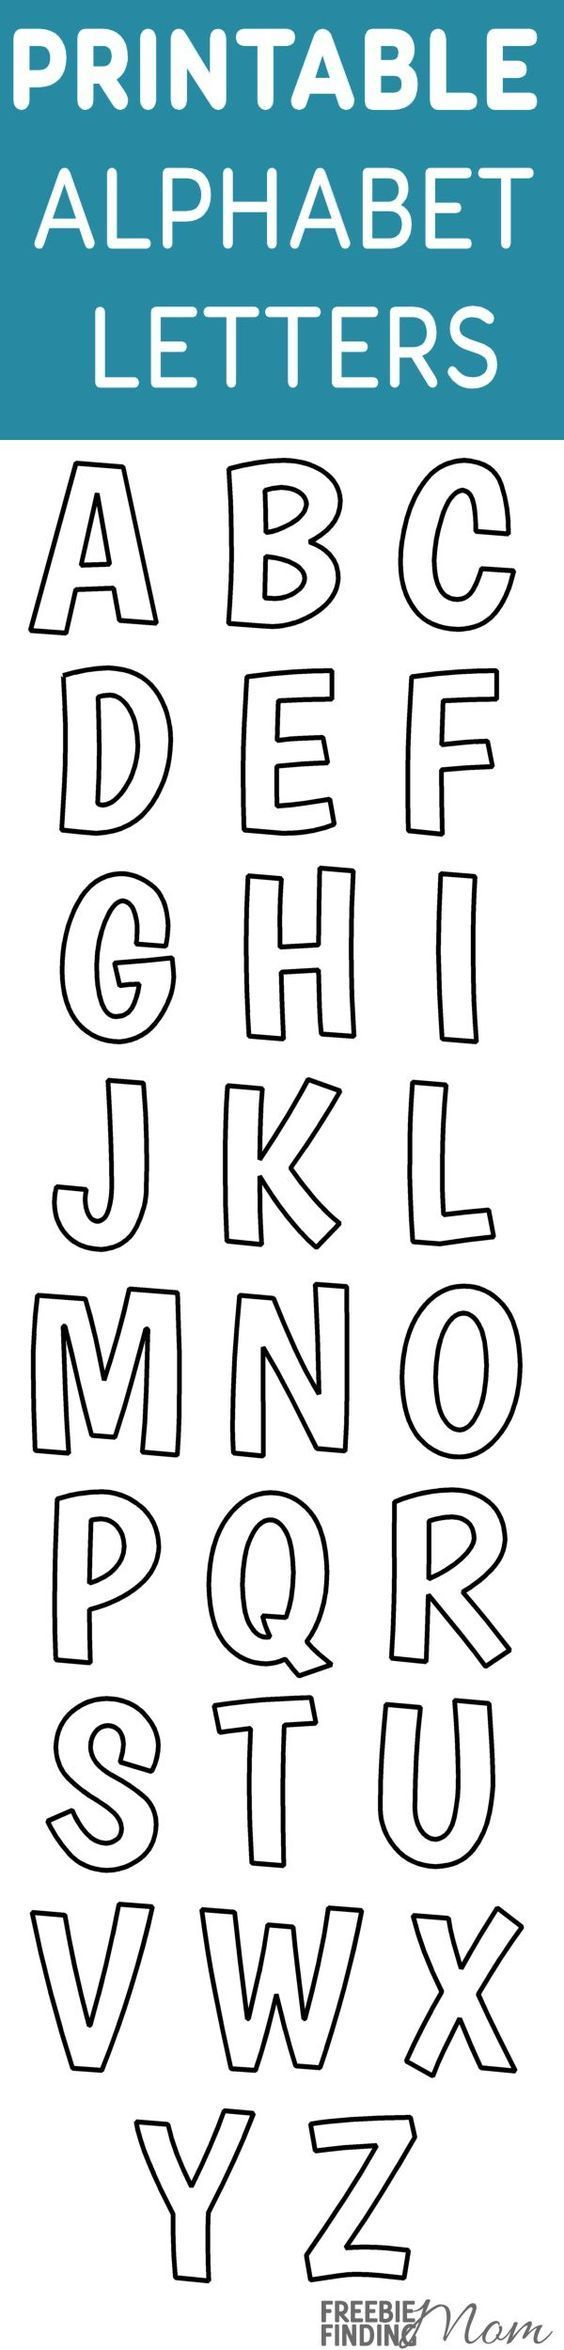 Printable Free Alphabet Templates | Alphabet Templates inside Alphabet Tracing Stencils